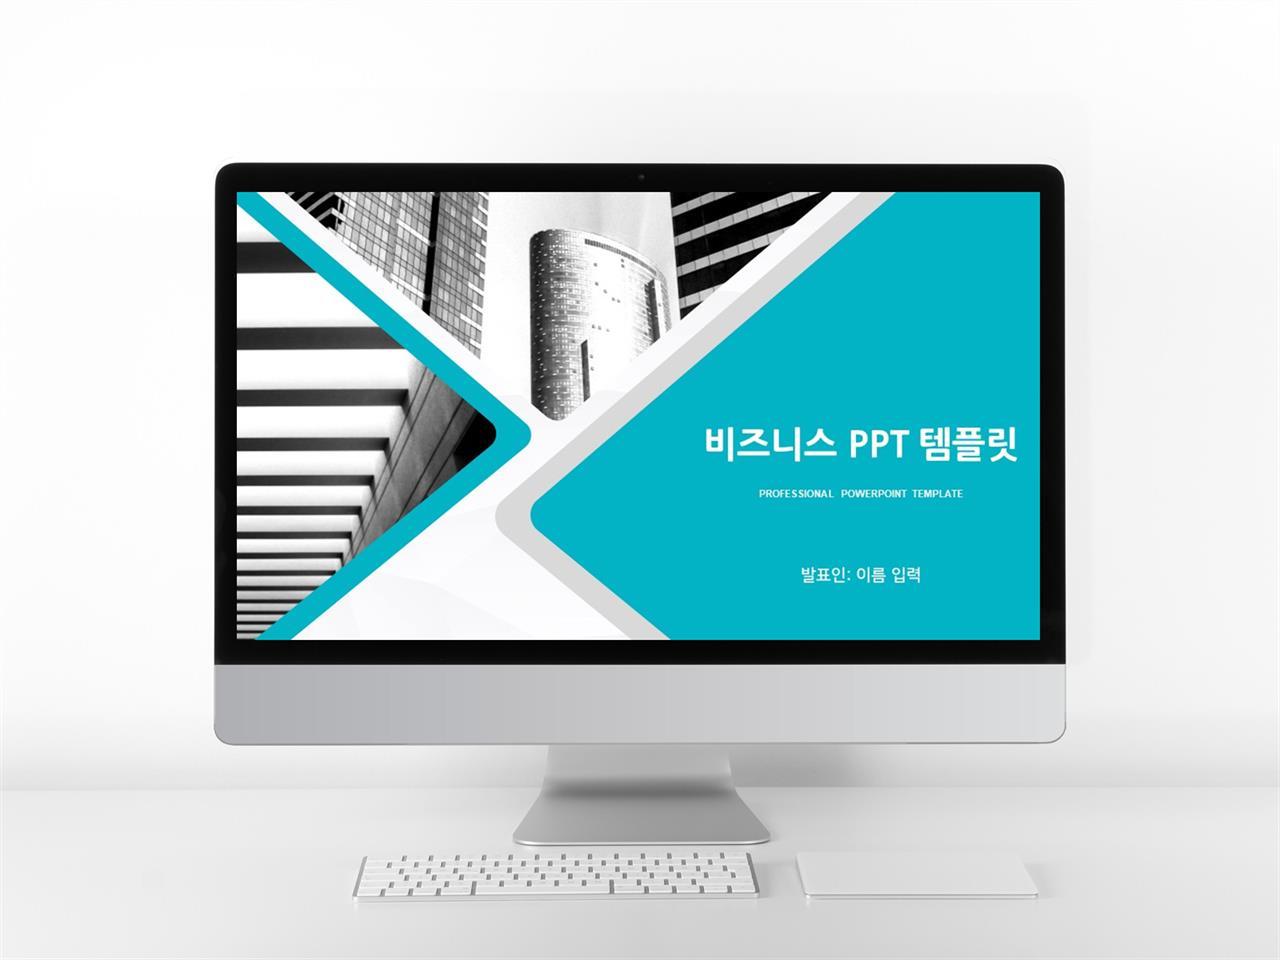 금융투자 청색 폼나는 프레젠테이션 POWERPOINT탬플릿 만들기 미리보기